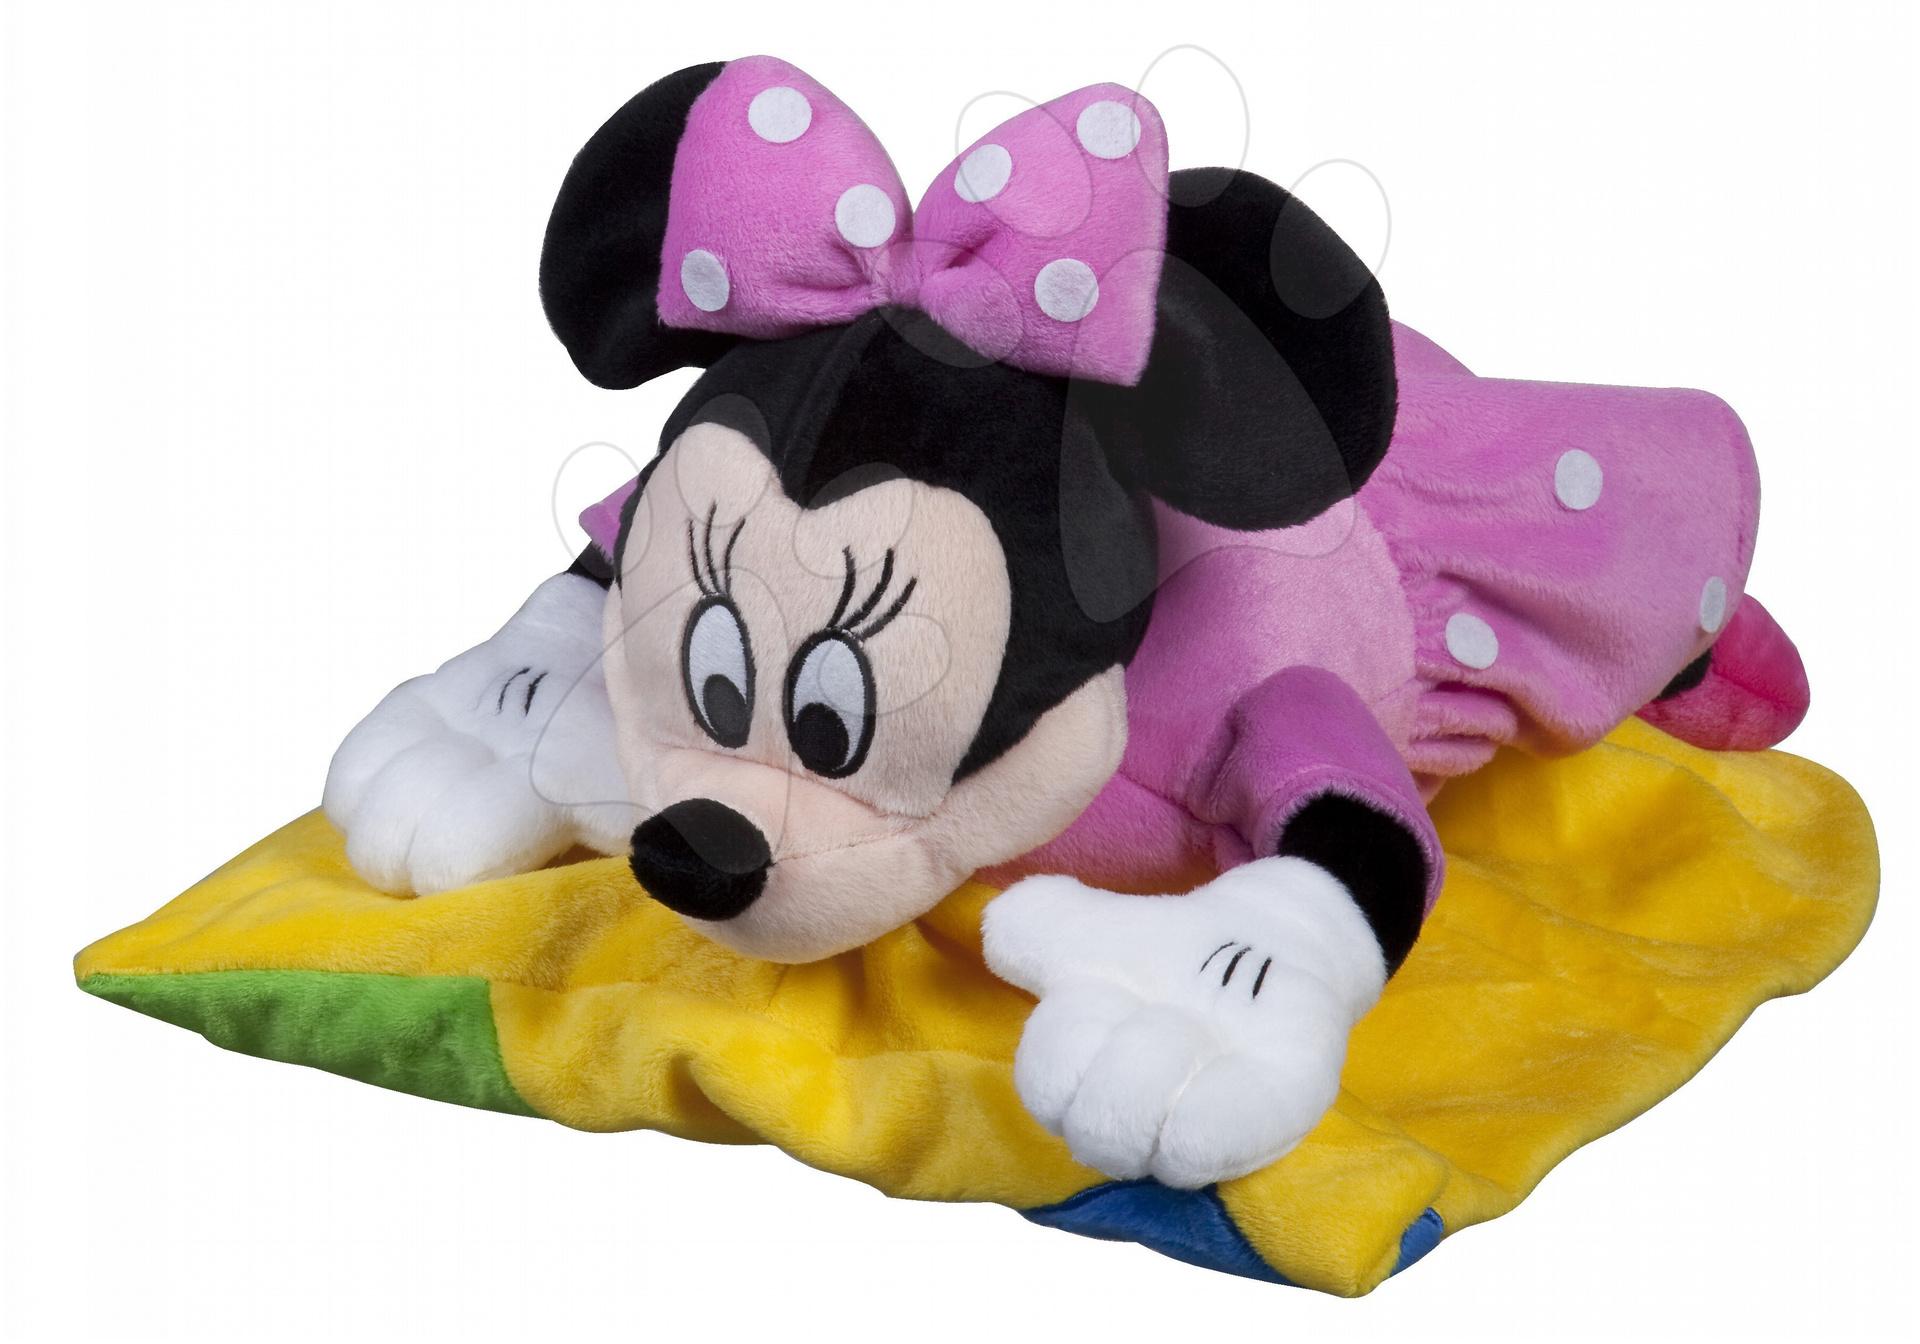 Plyšové postavičky - Vankúš Mickey Mouse vankúš 2v1 - Minnie Ilanit